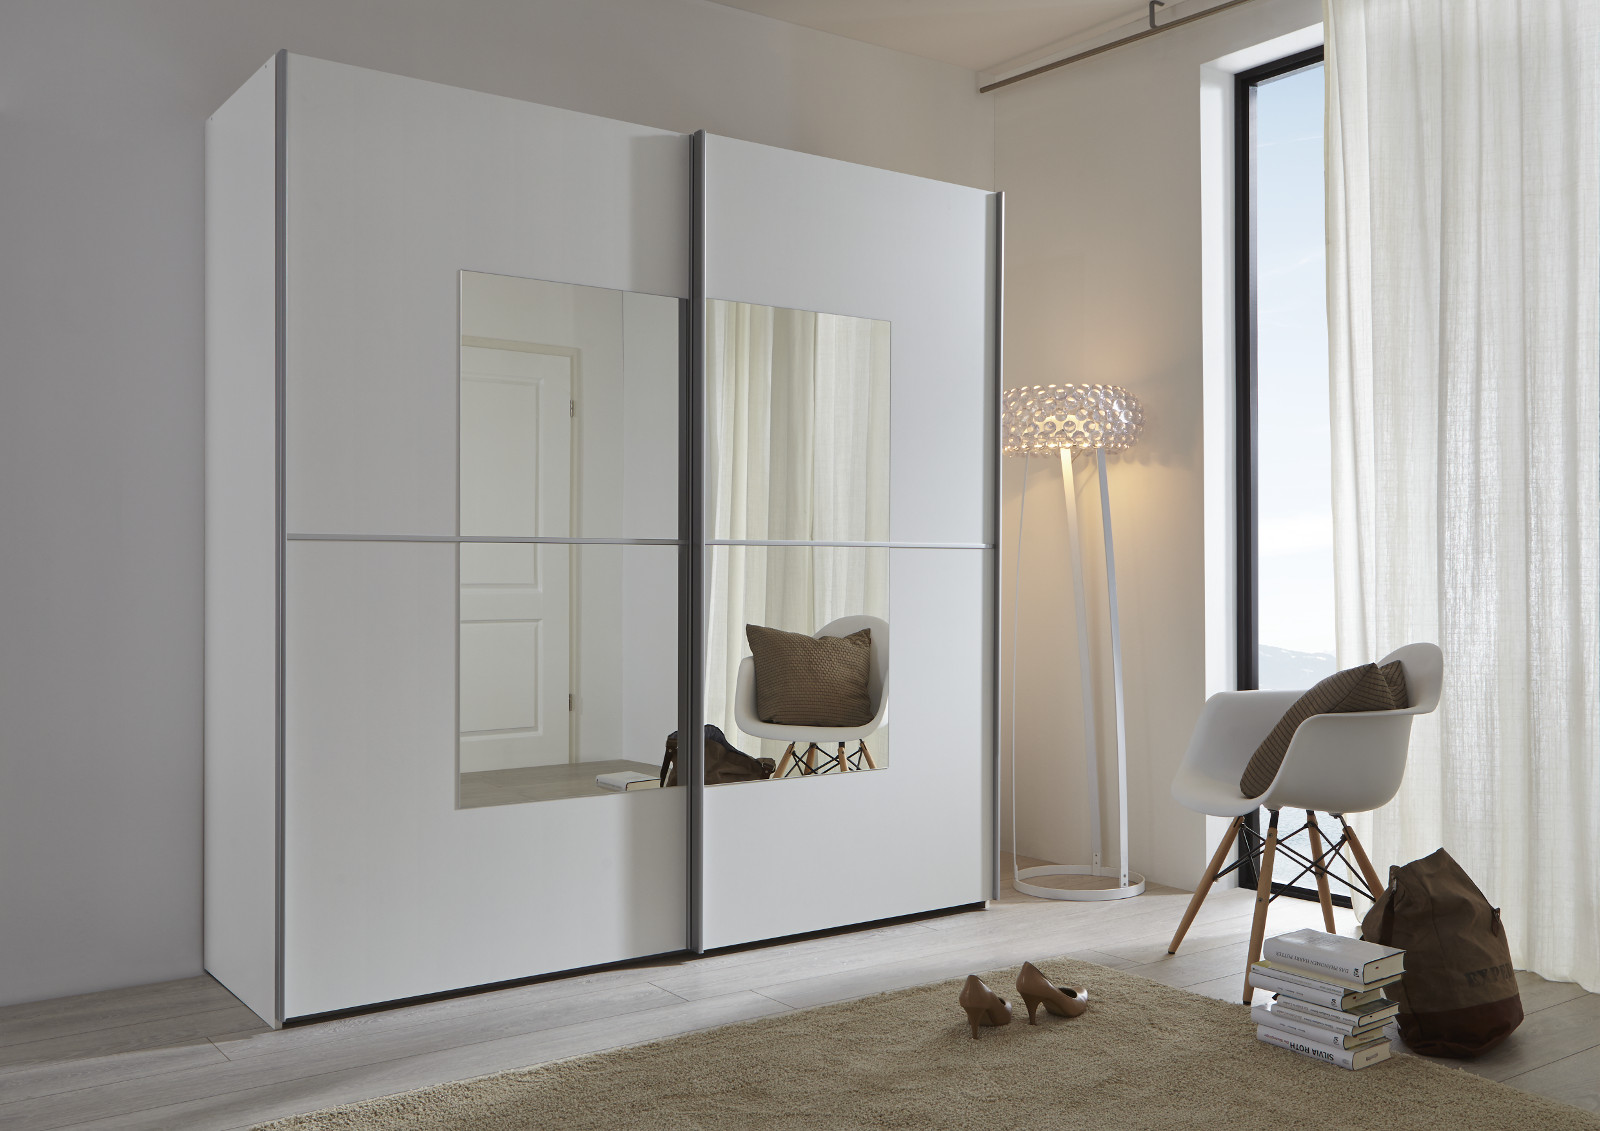 Kleiderschrank weiß spiegel  Schwebetürenschrank weiß Spiegel quadratisch